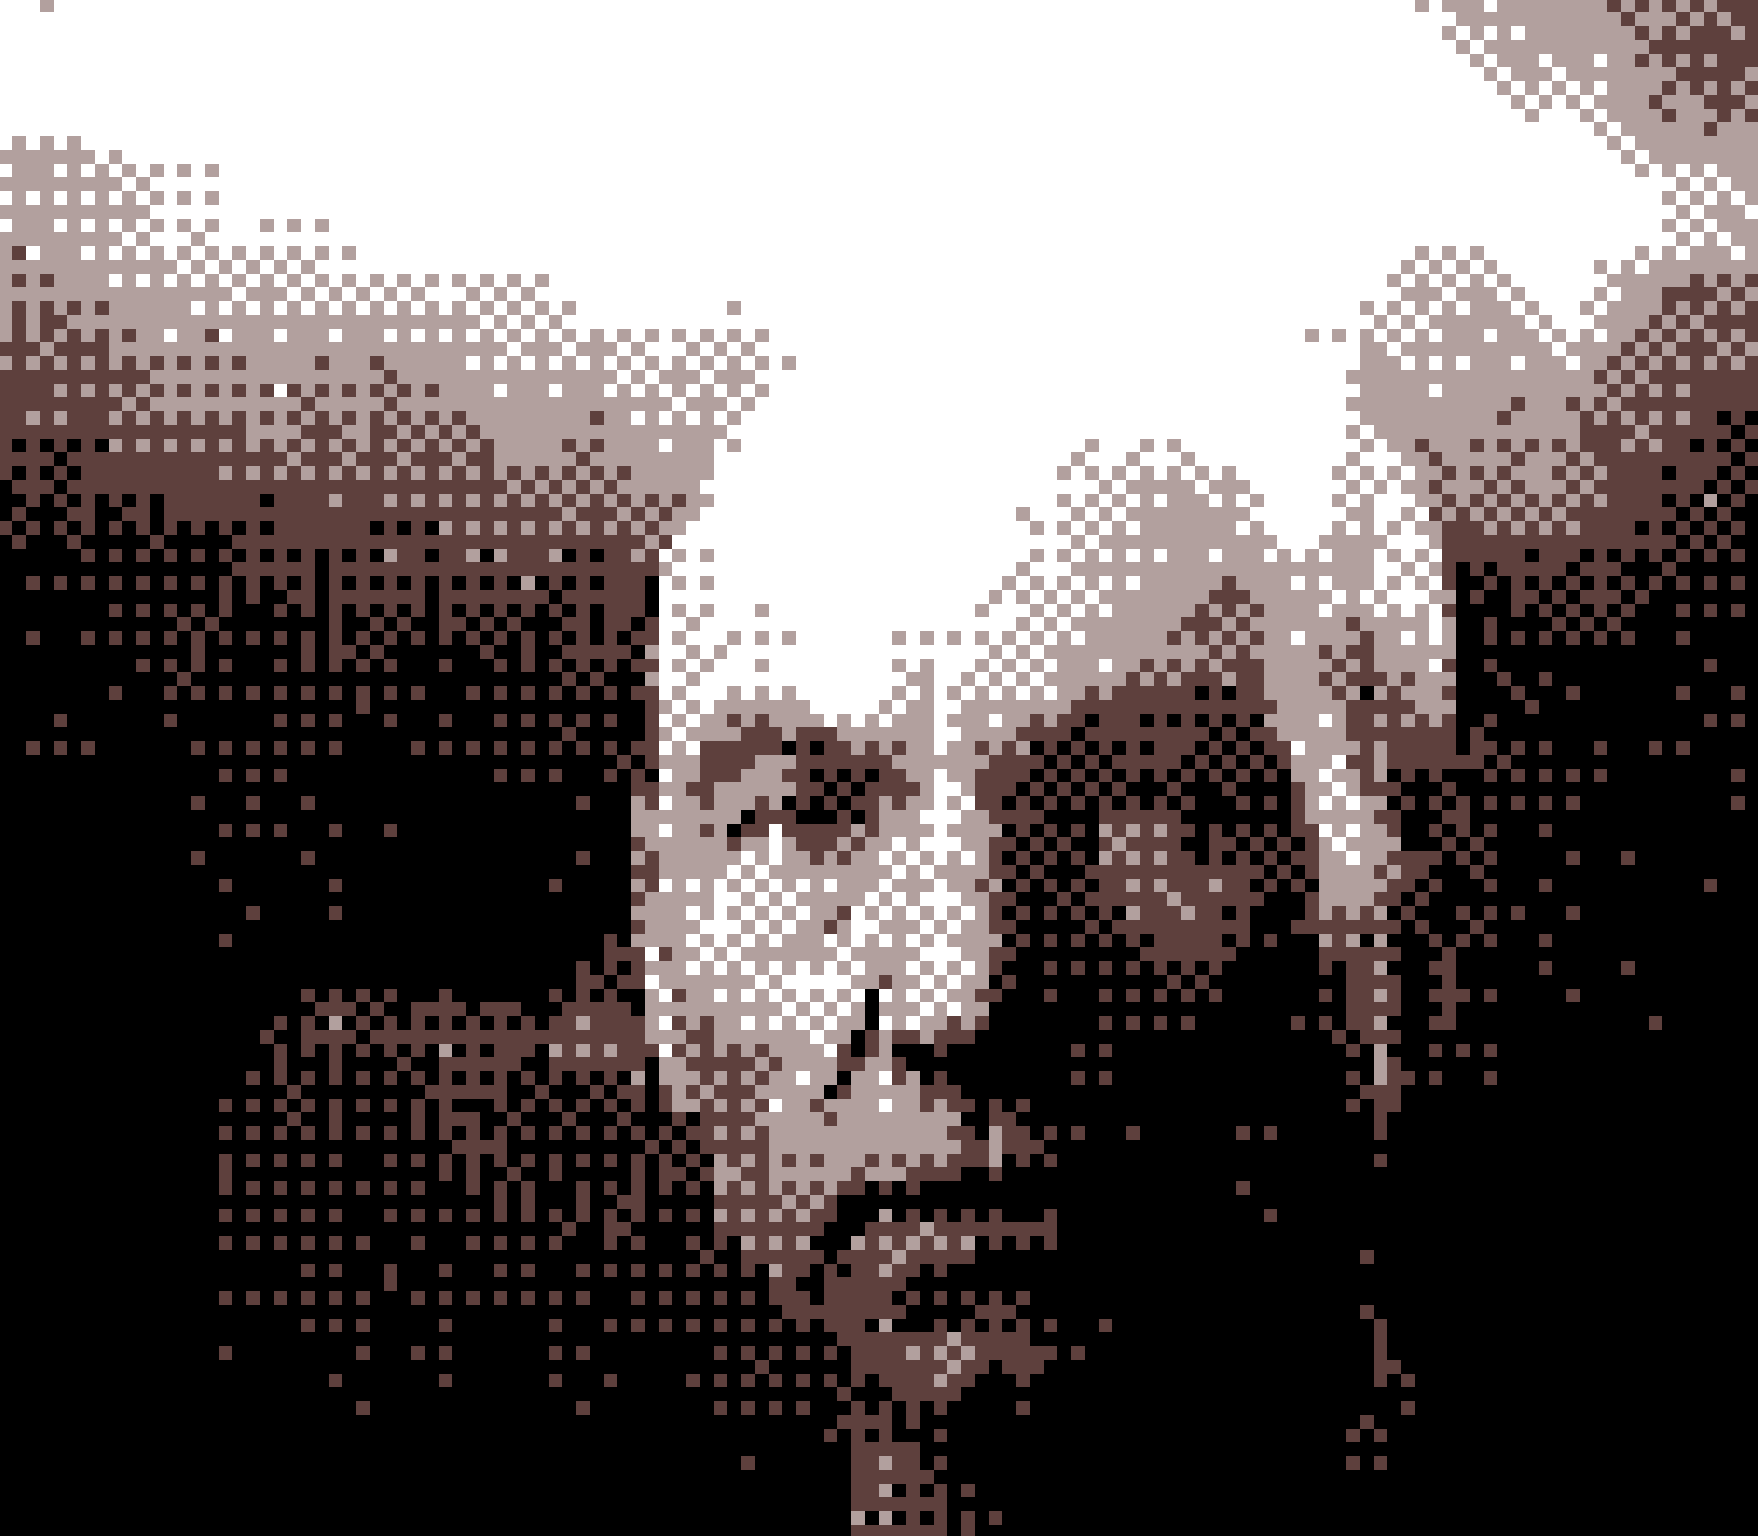 Captain Picard Game Boy Camera